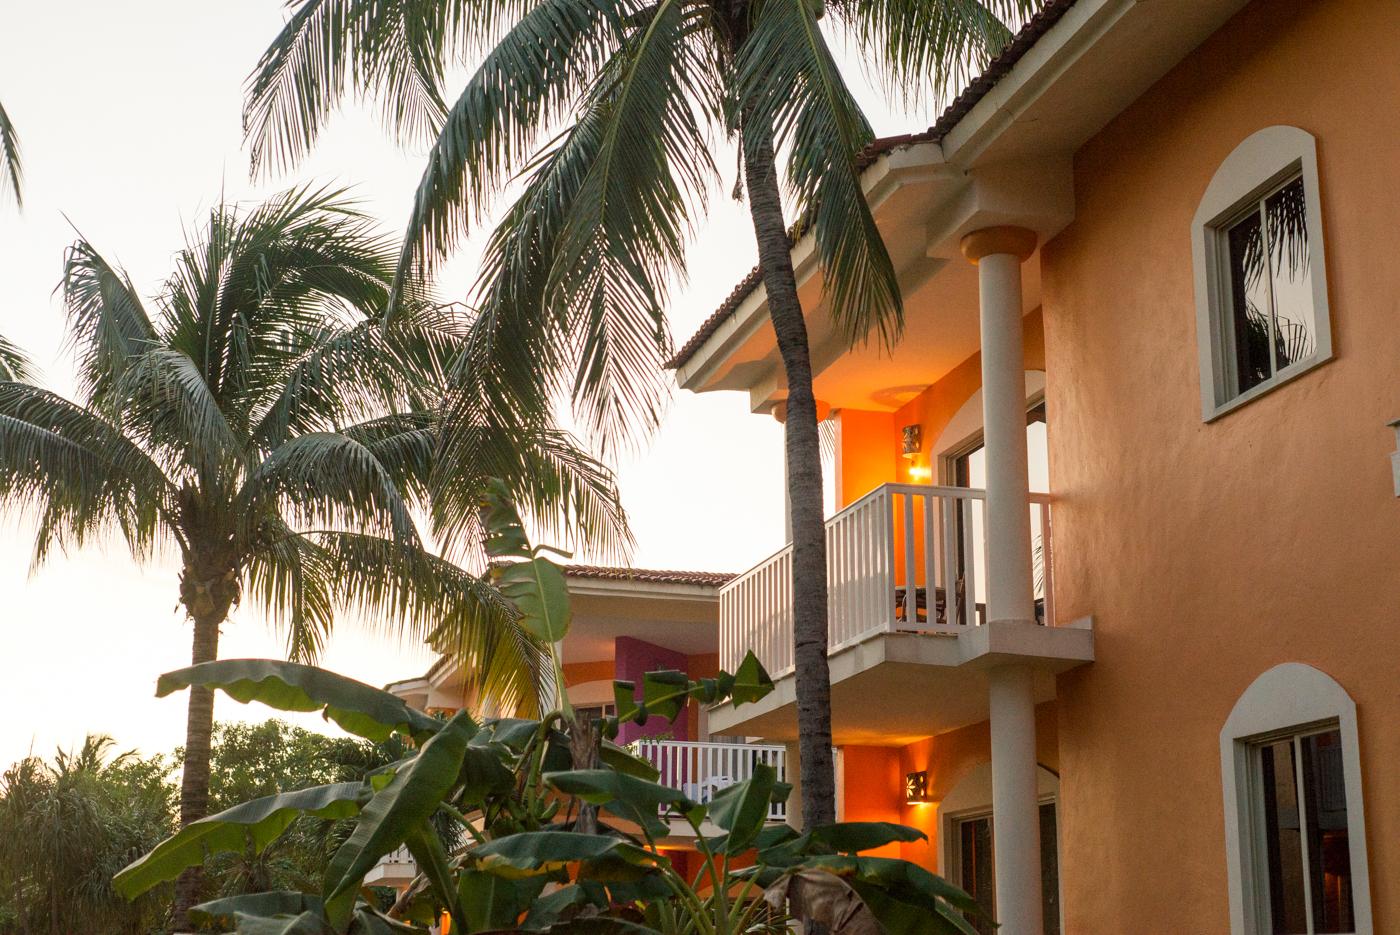 Each guest had their own villa.